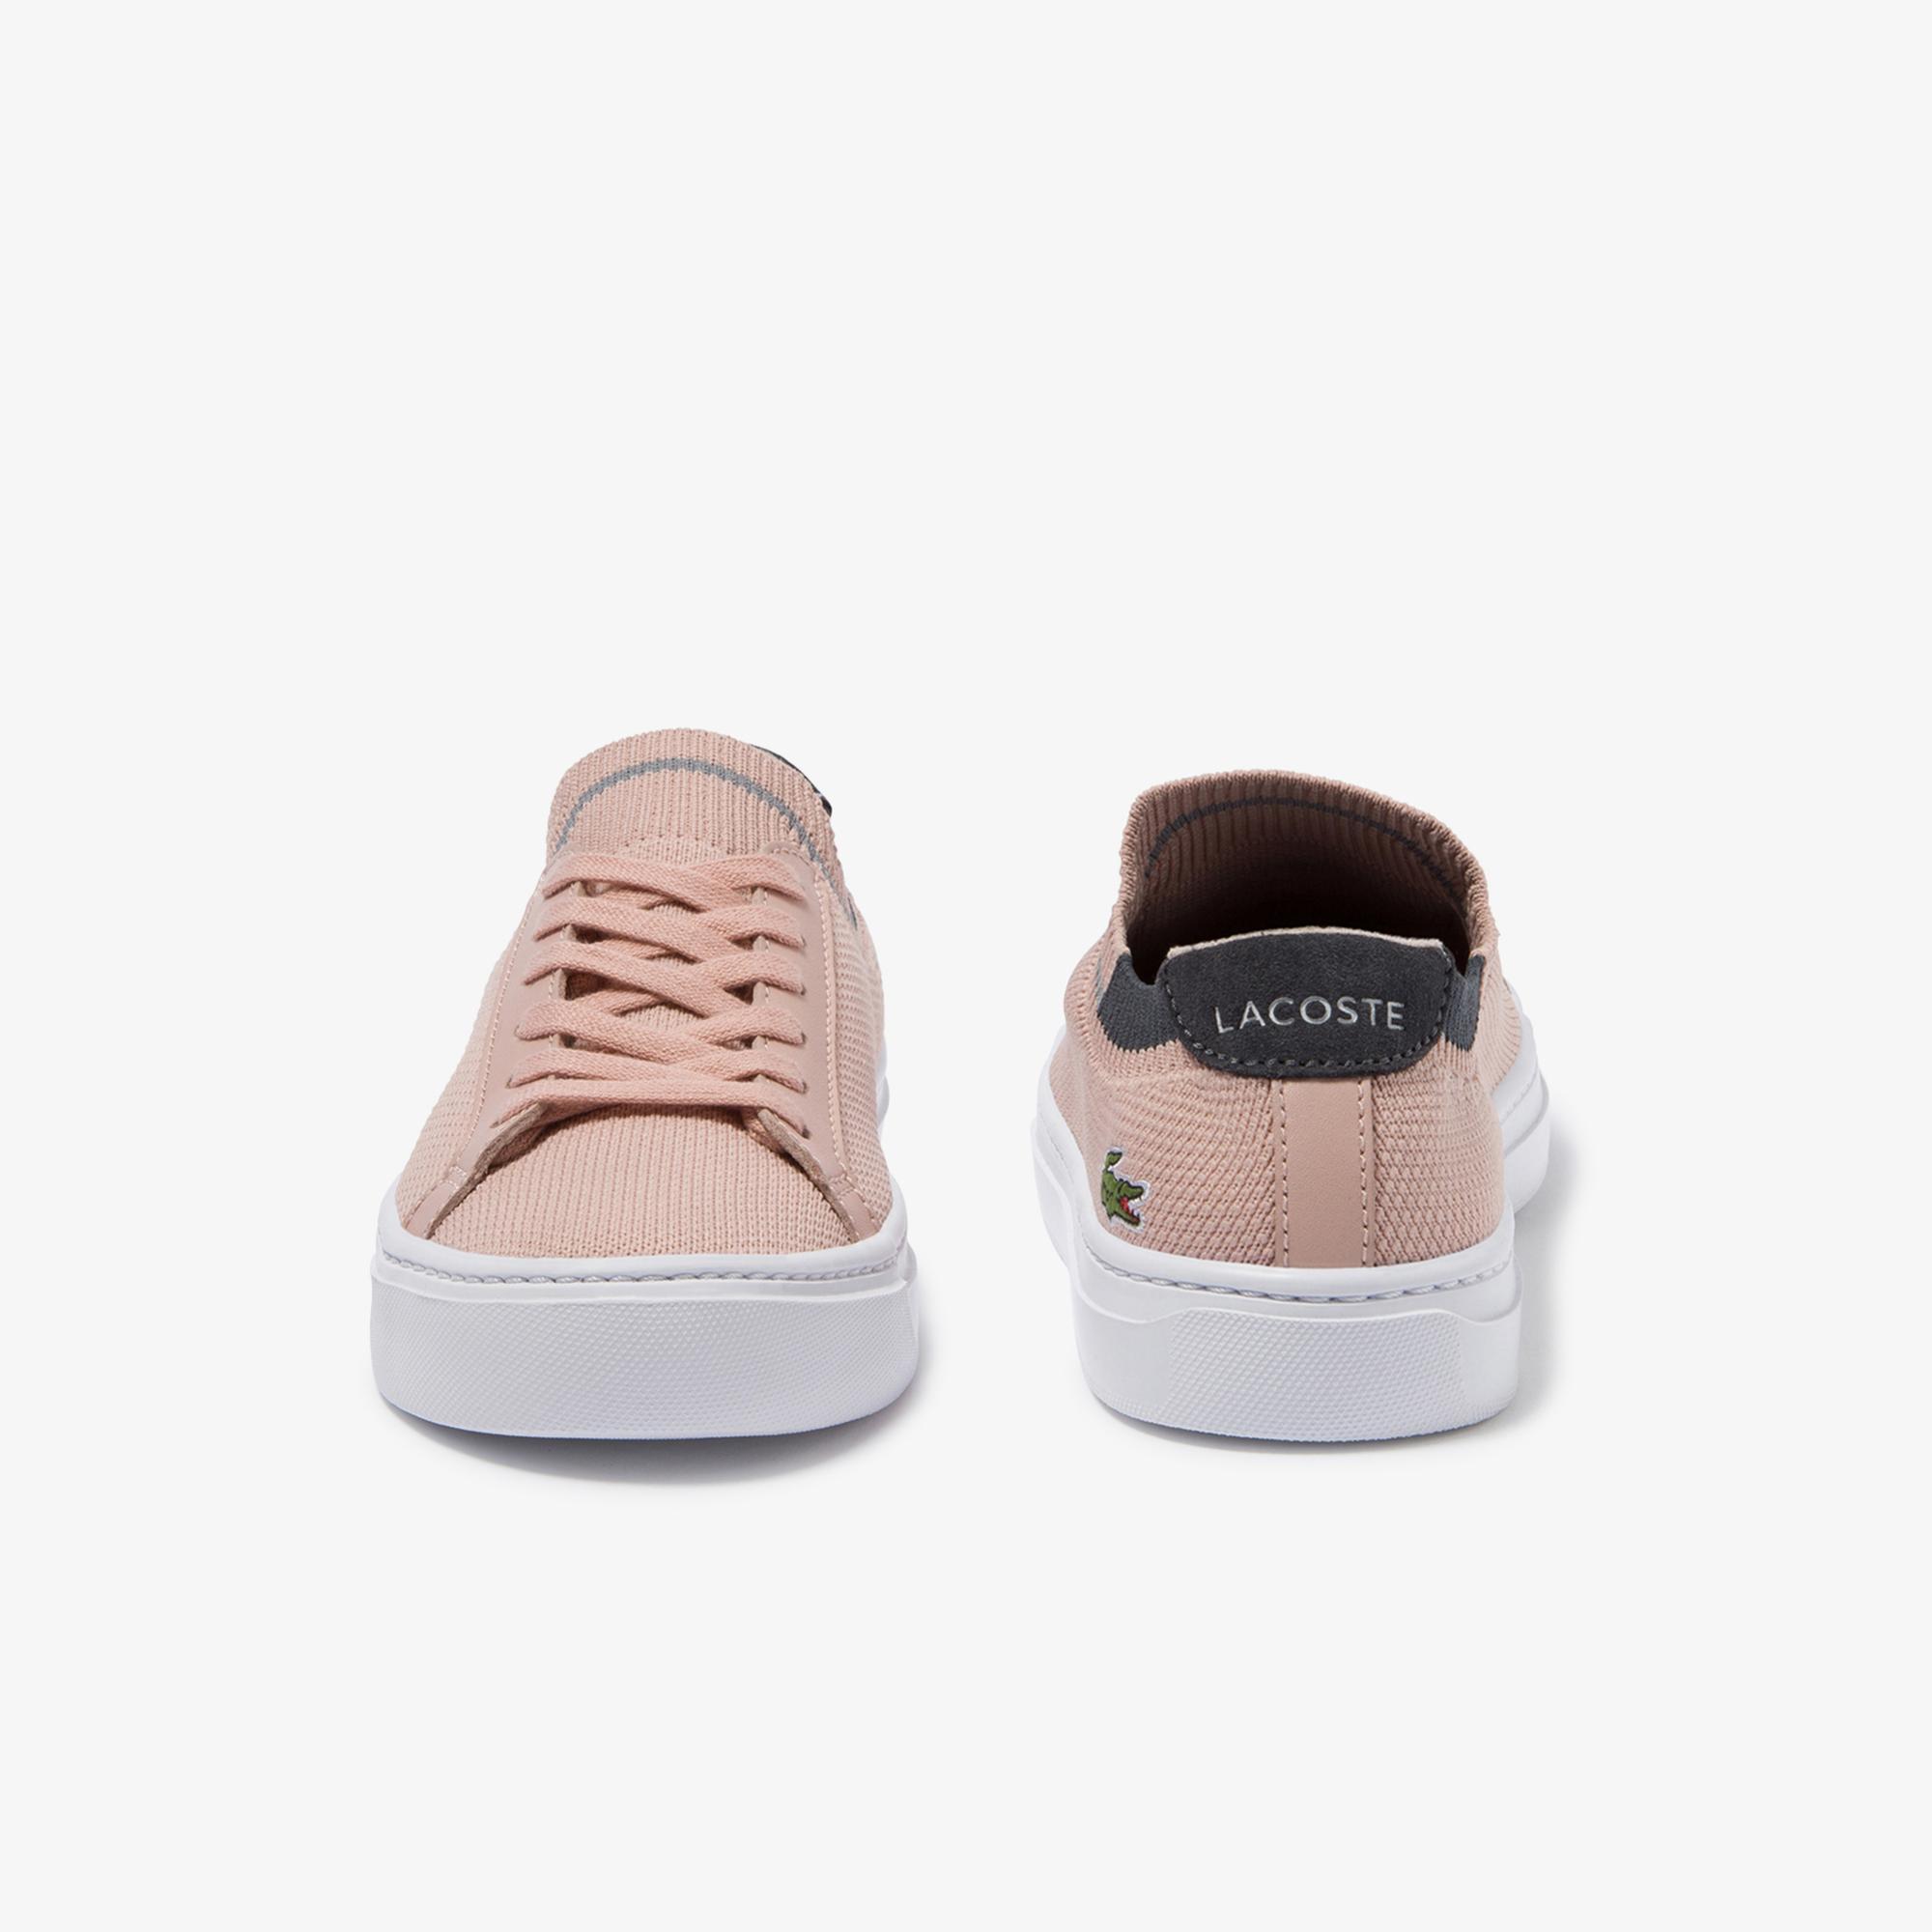 Lacoste La Piquée 120 1 Women's Textile Sneakers